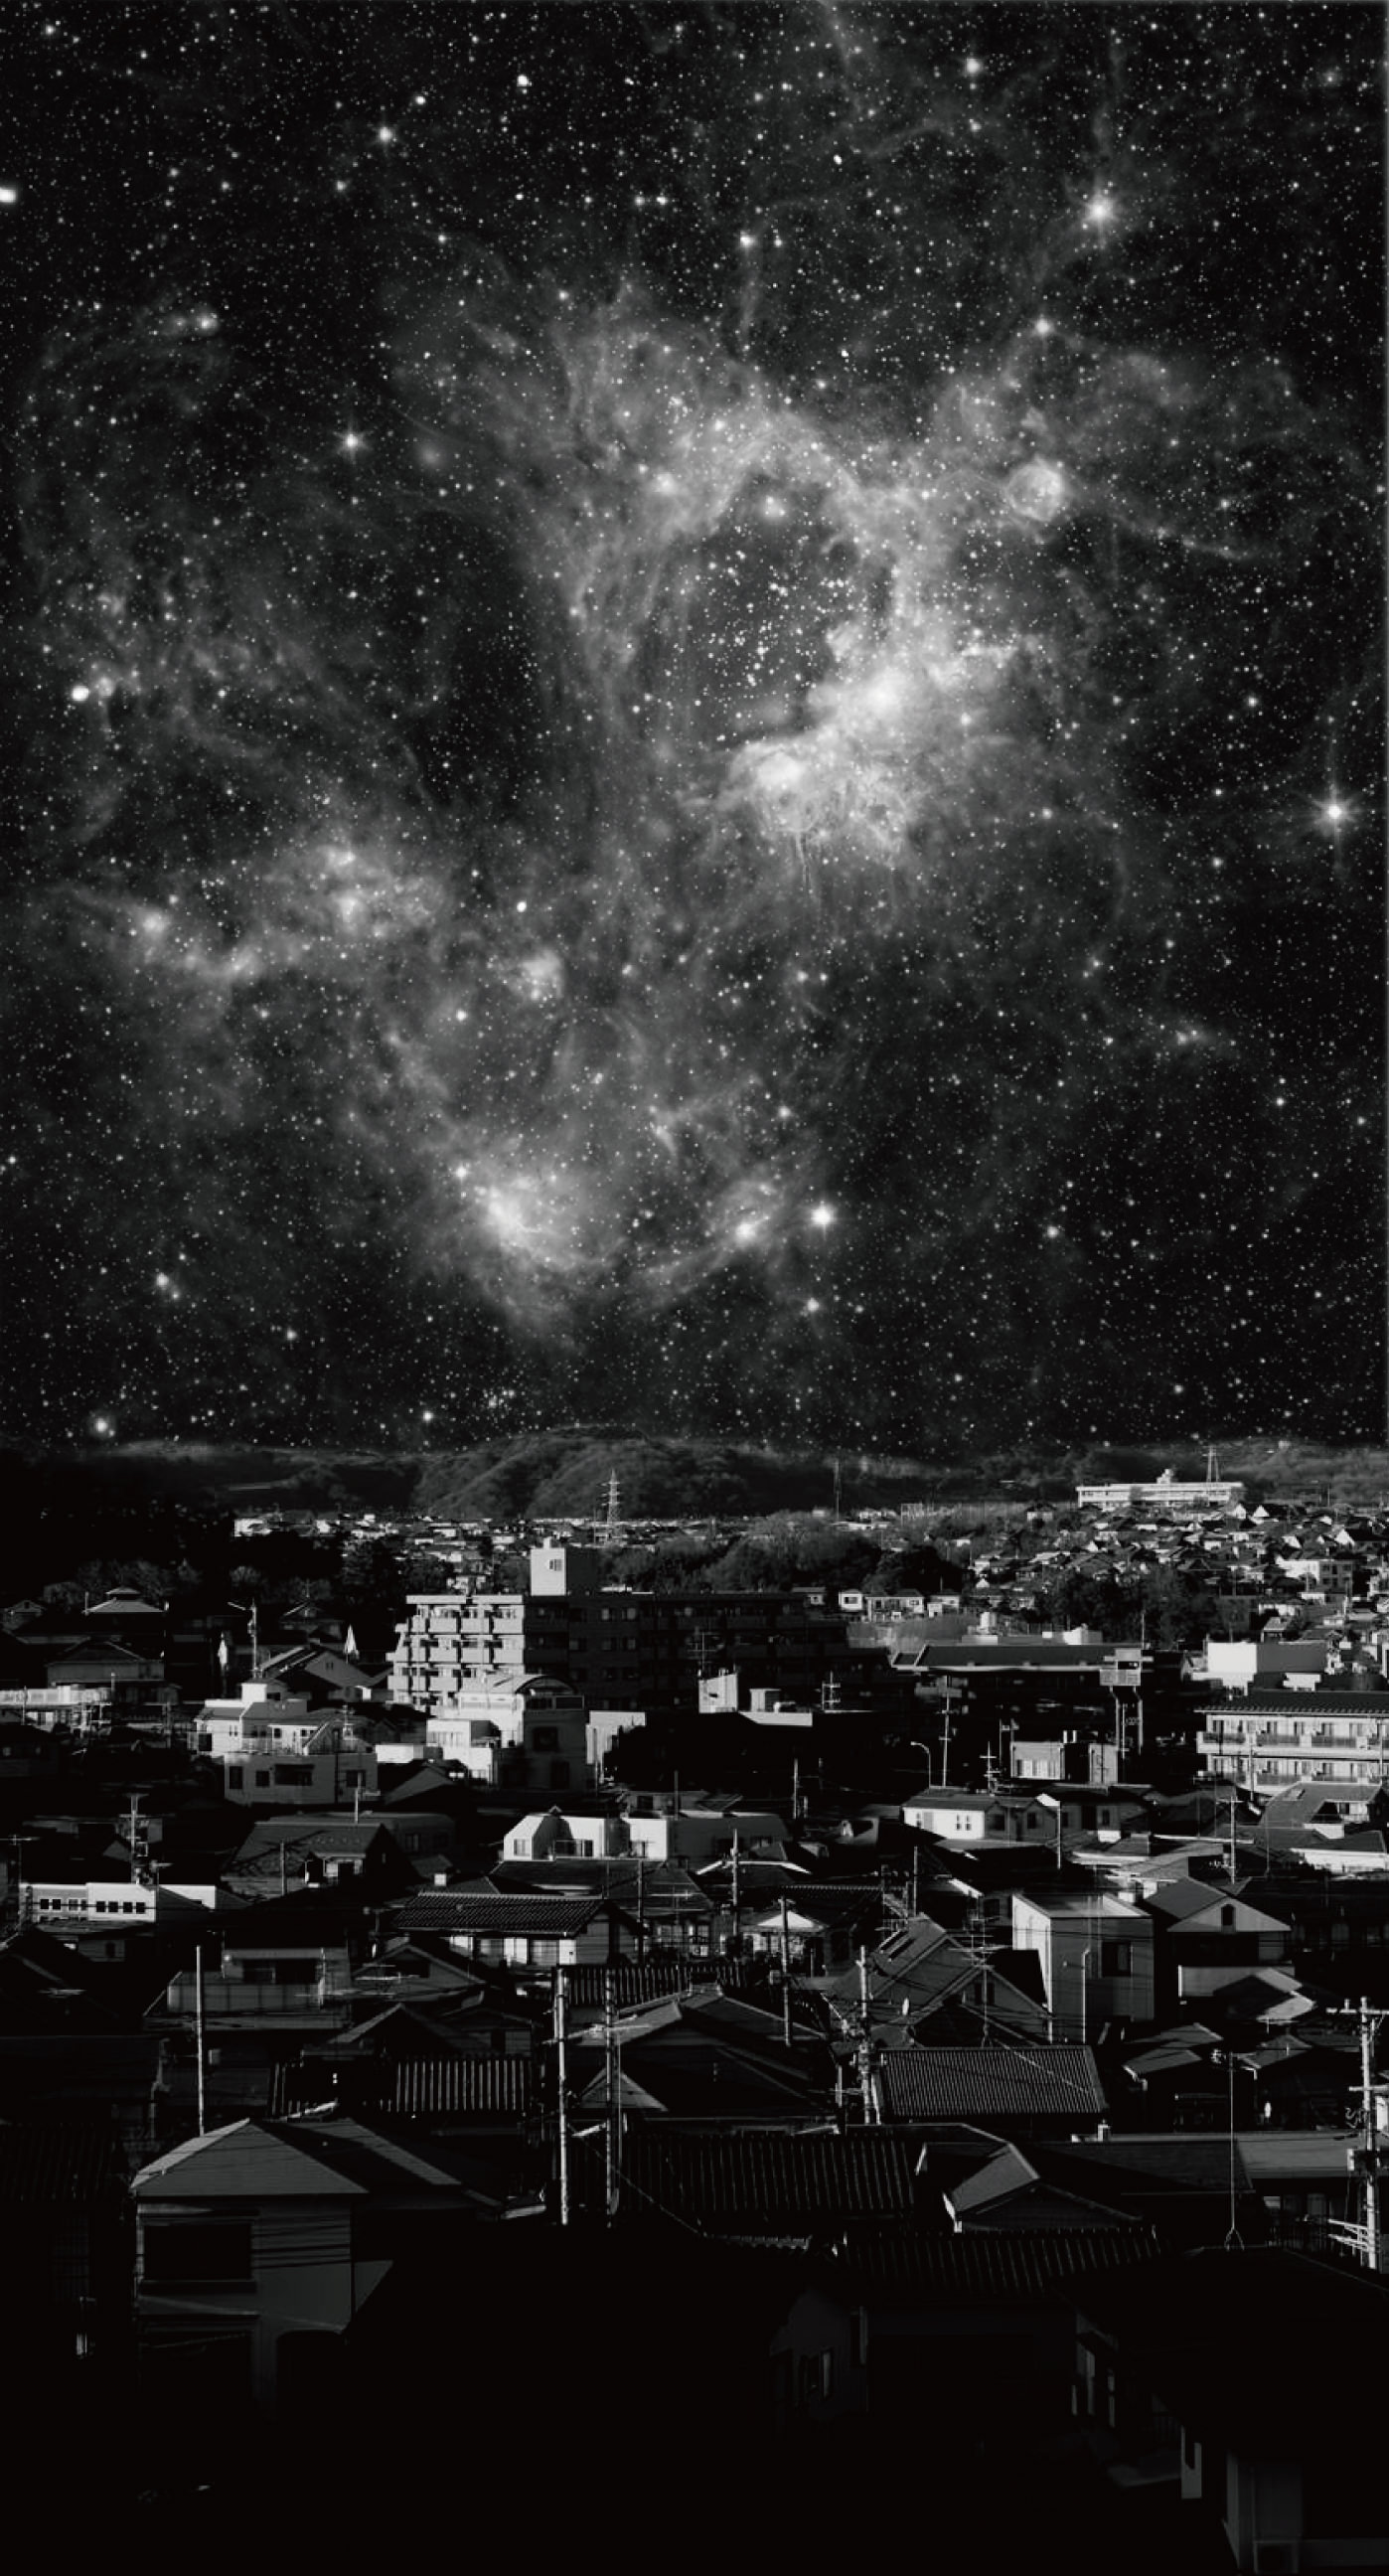 pemandangan malam langit hitam  wallpaper.sc iPhone8Plus